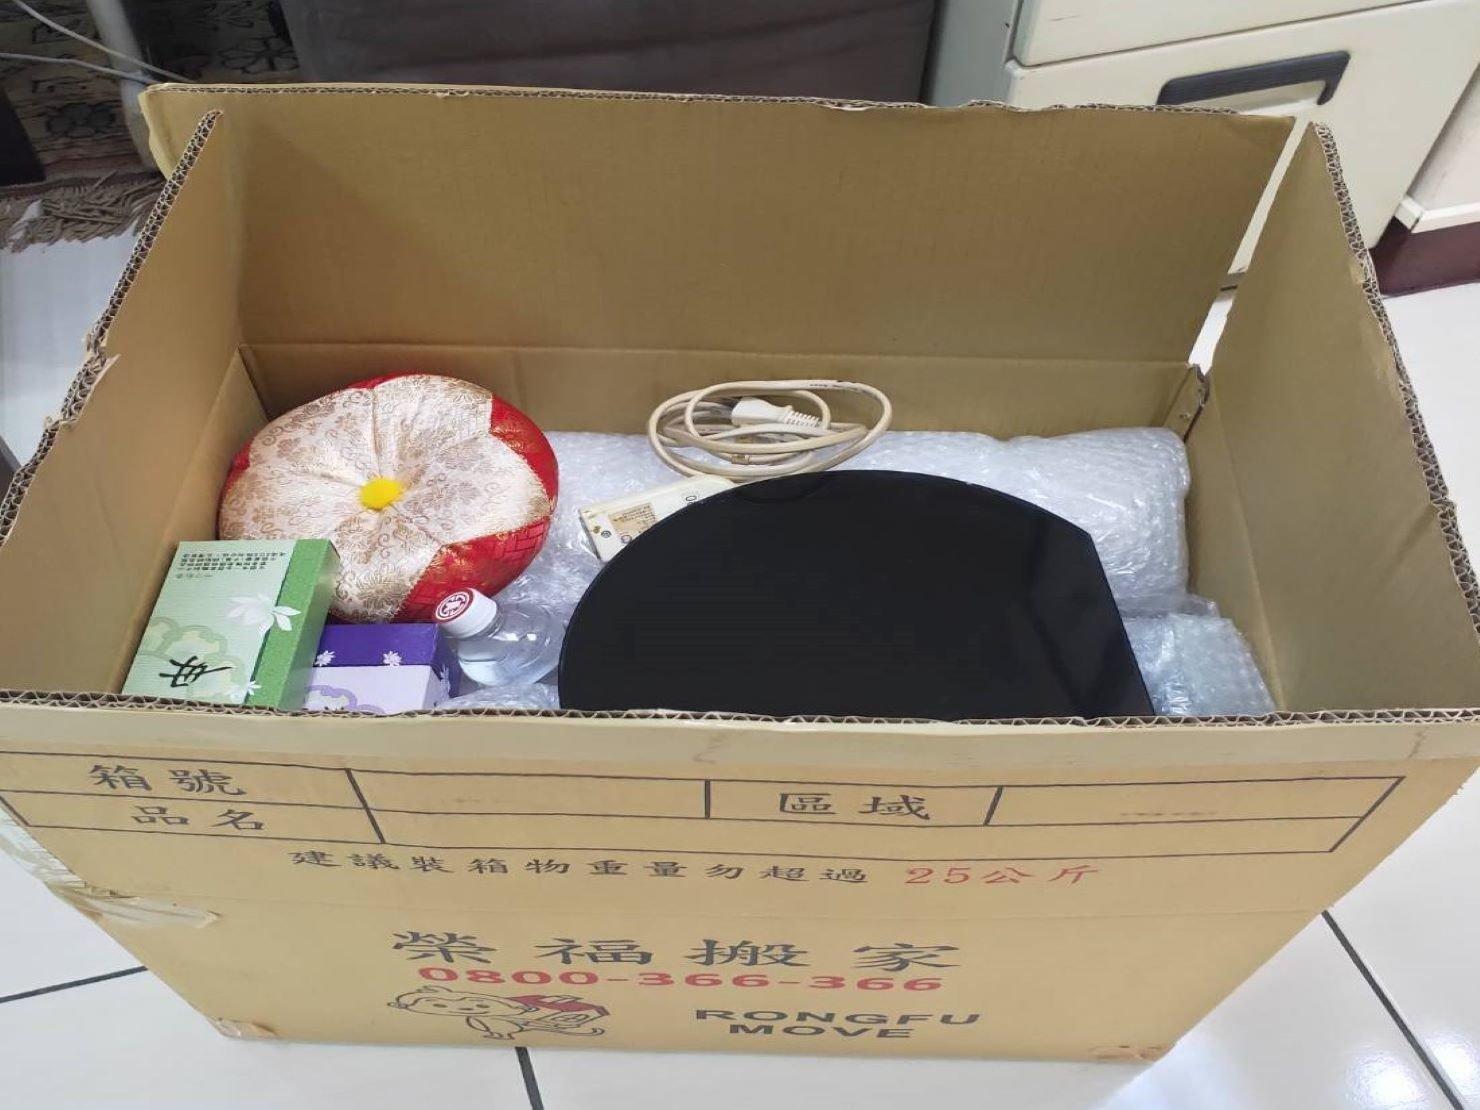 搬家公司【榮福搬家】精緻搬家、優質搬家服務,值得您的信賴與選擇:居家小物用品打包-依物品材質選擇合適打包方式,如易碎品會以氣泡先包裹再裝箱,在箱底也可先舖上一層軟布做為緩衝。